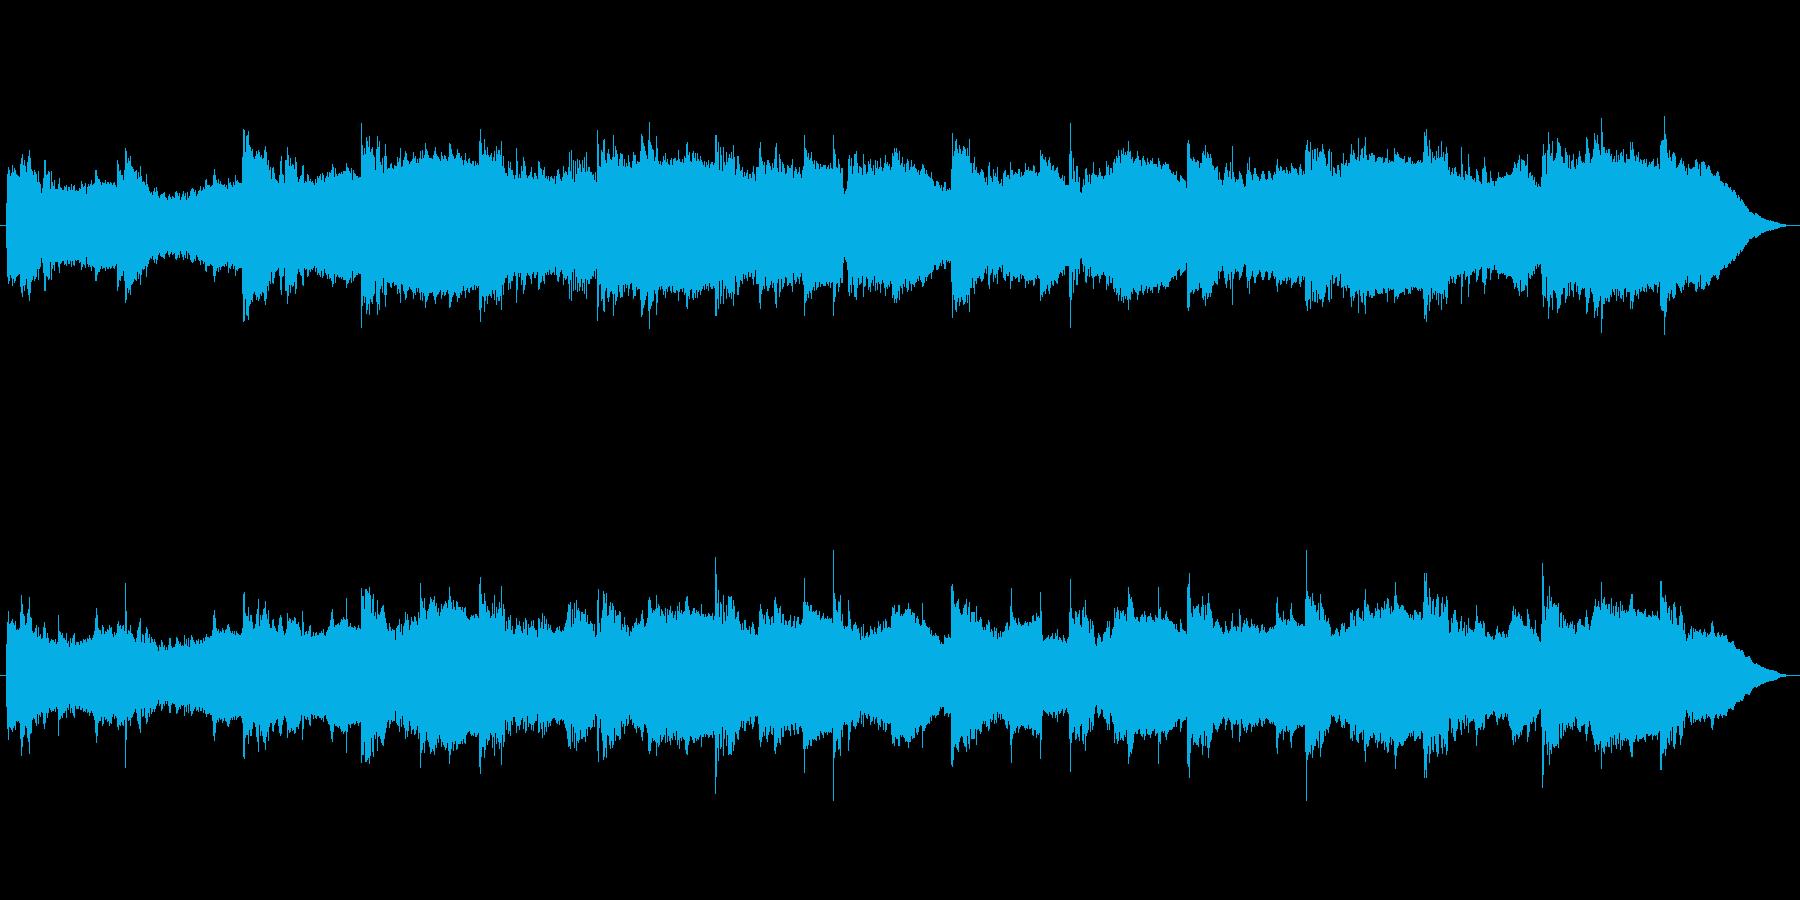 生命の神秘を感じるヒーリングミュージックの再生済みの波形